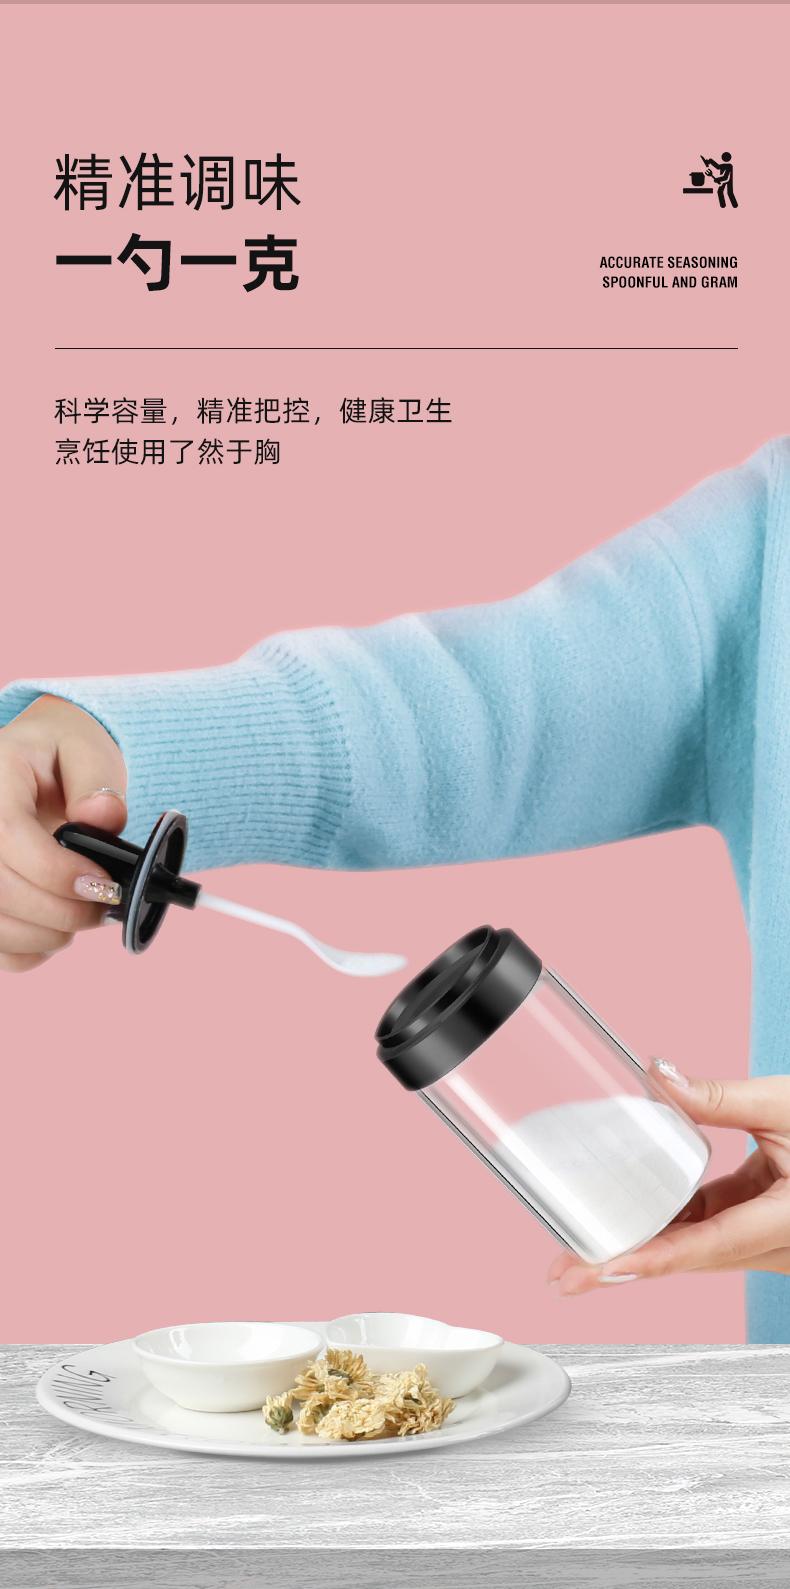 厨房盐罐单个家用调味罐调味罐子盐味精调味盒组合套装放盐调味盒详细照片